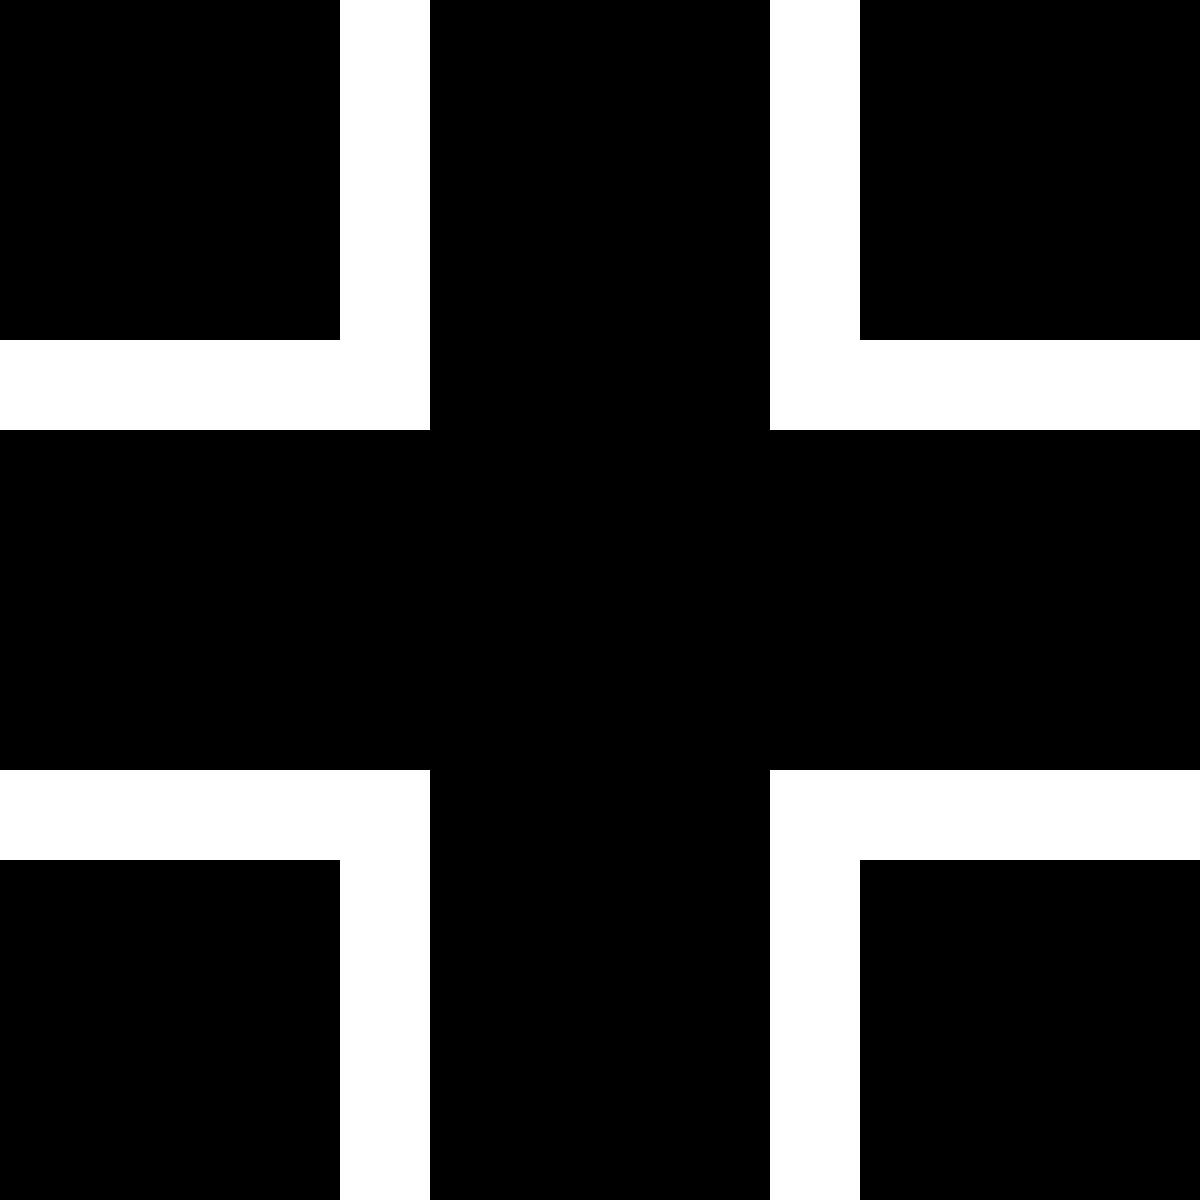 Les rapports du front - Wehrmacht Hf5mjuYucNVrPn8xgq7Fy6RcIBUVrQvU78LL1nRrVs2hSAcJx3kI0J-m8RNFMyuCy6O1_mVxEBmcyMvNERigxenq47ck4hZ91zOoUkzYZwvuvgkAImEPLM0aqM-CCgF0uY1mbu3w